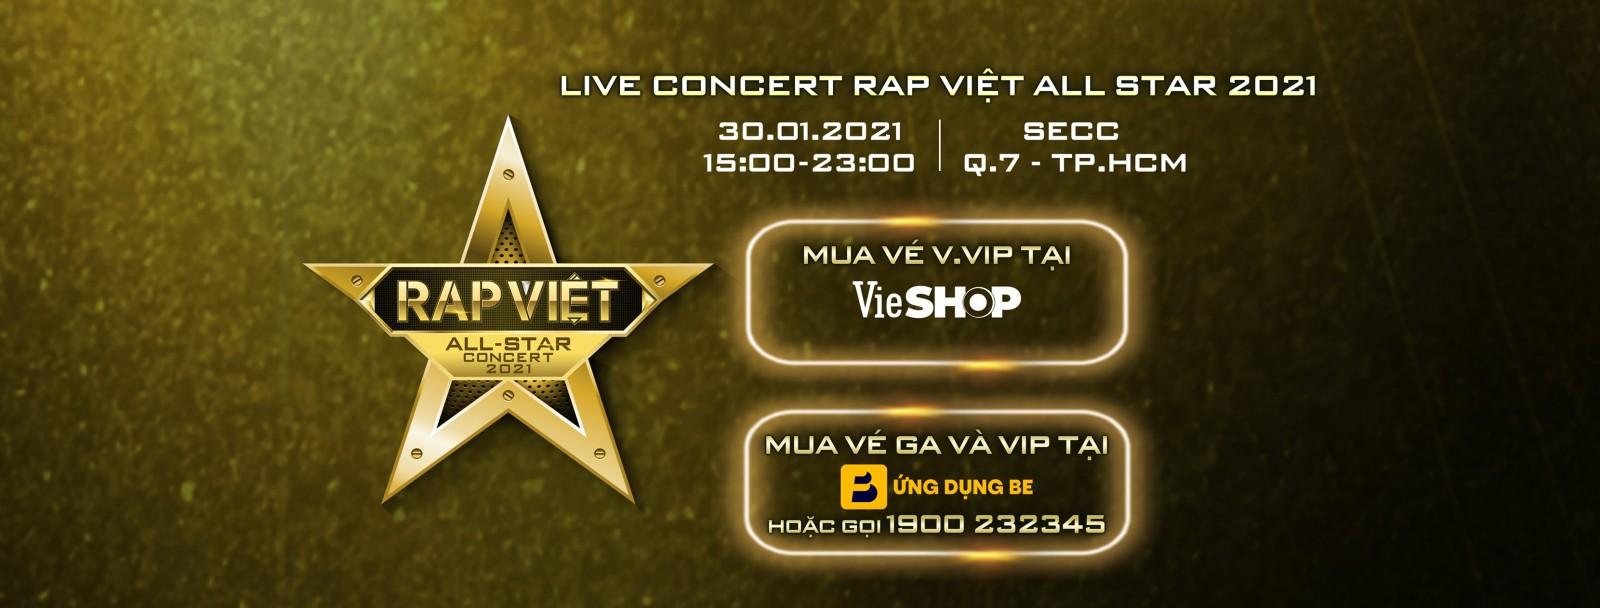 Dương đông kích tây, khi mọi người tập trung vào Live Concert Rap Việt All-Star, Ban tổ chức âm thầm chuẩn bị Rap Việt mùa 2